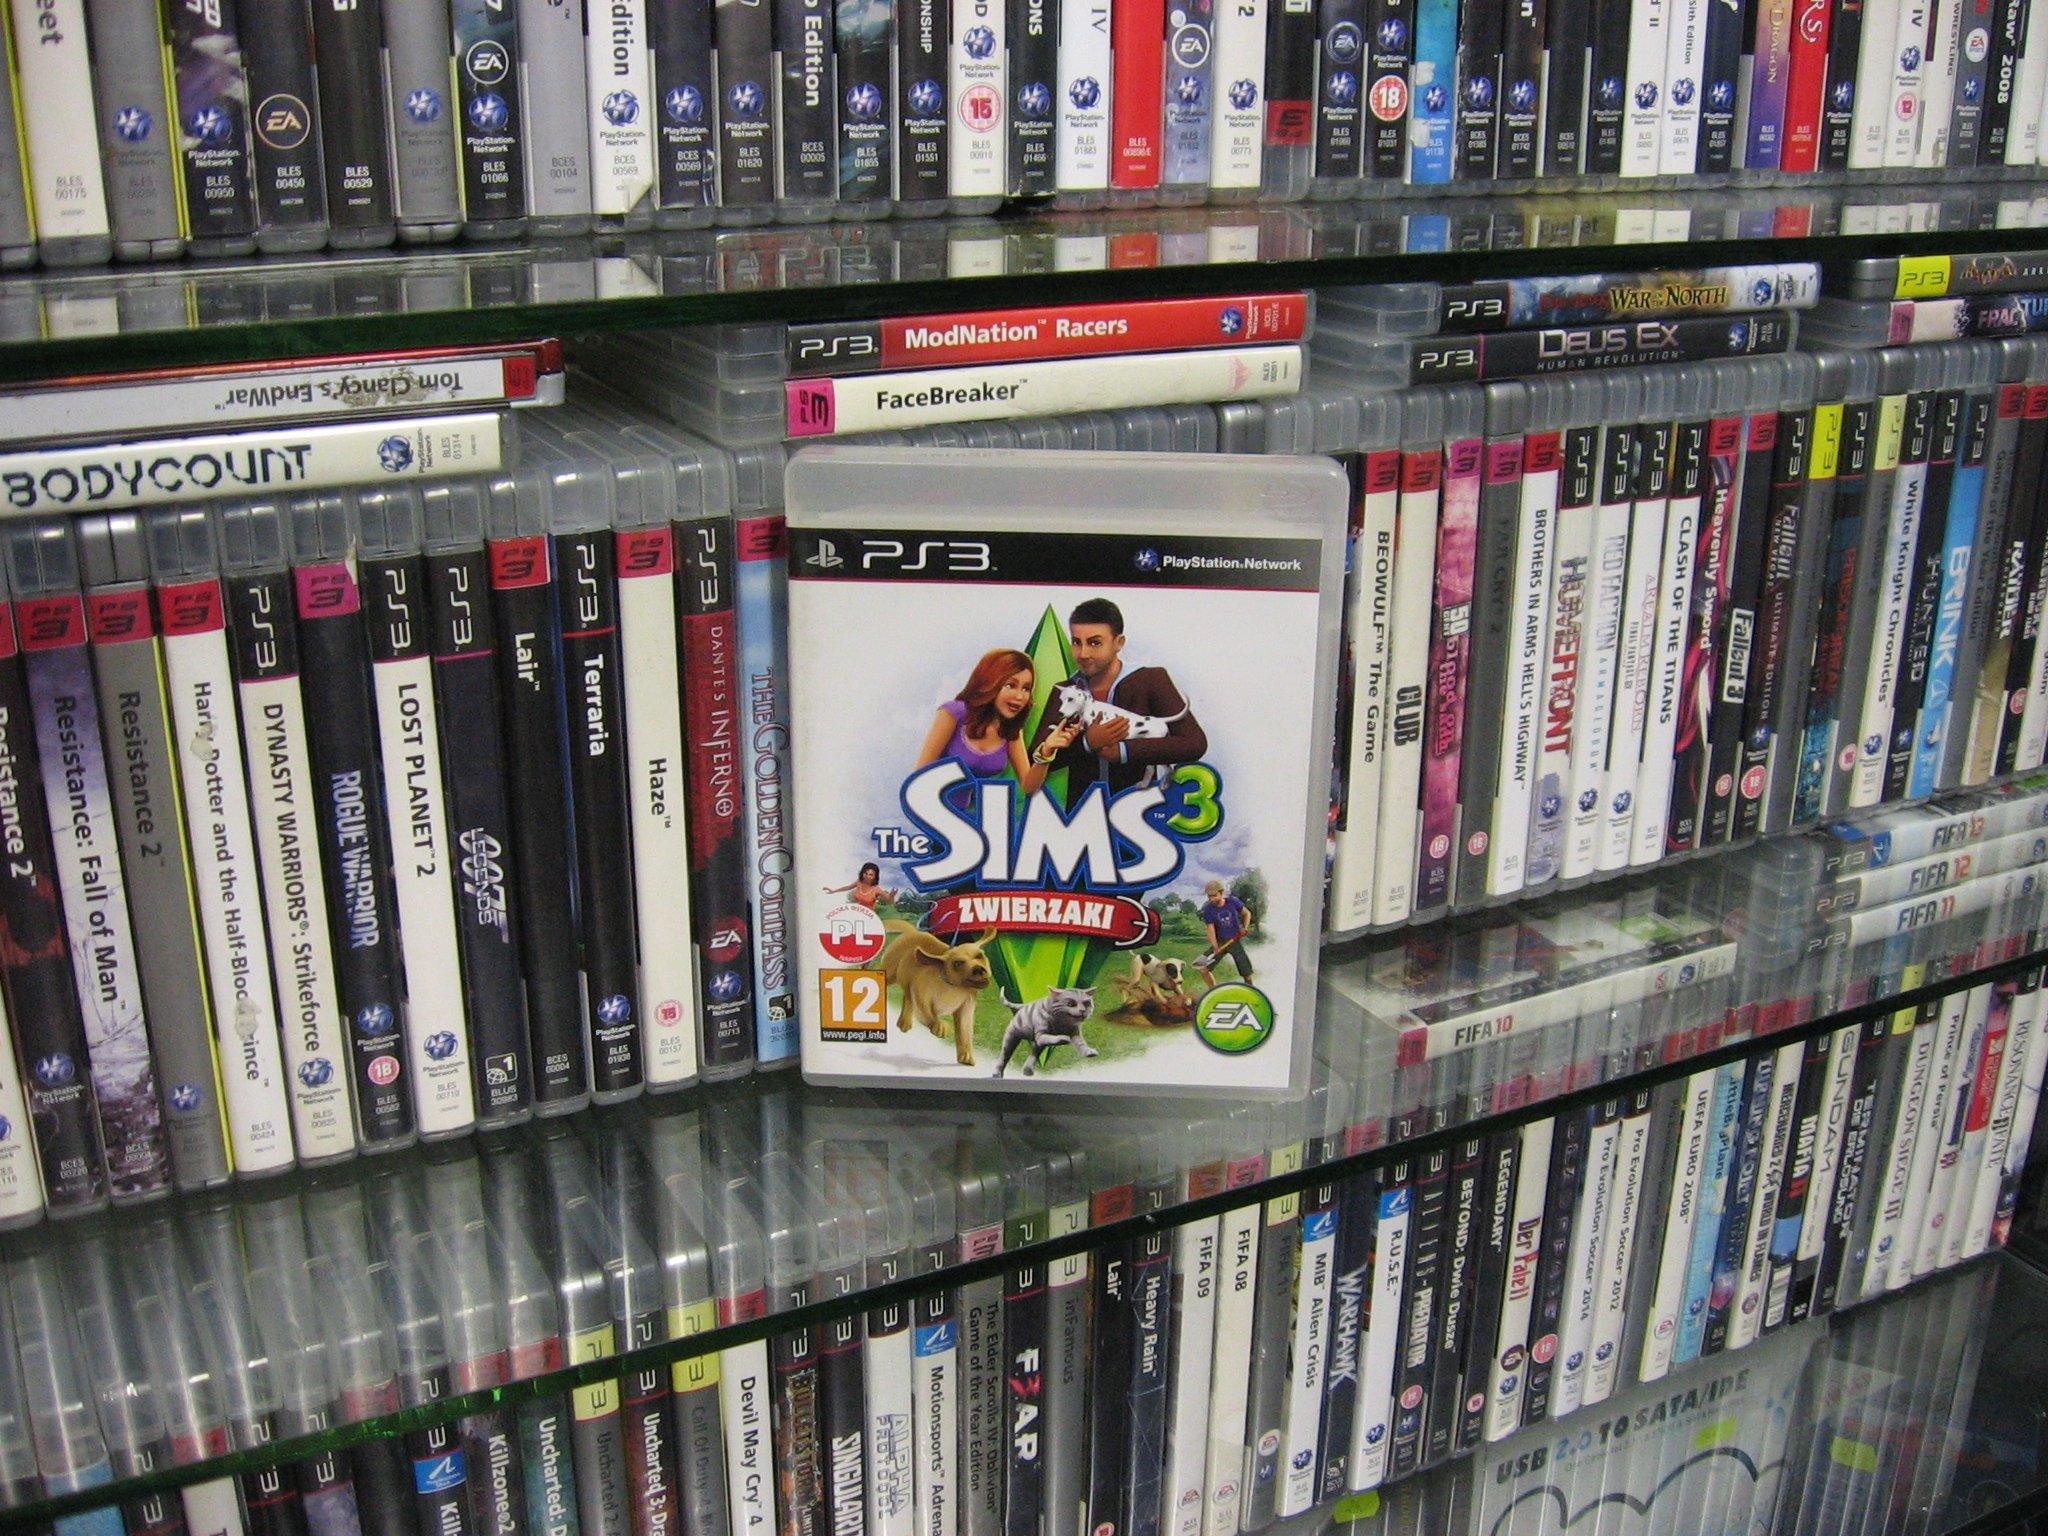 The Sims 3 Zwierzaki PL - GRA PS3 Opole 0042